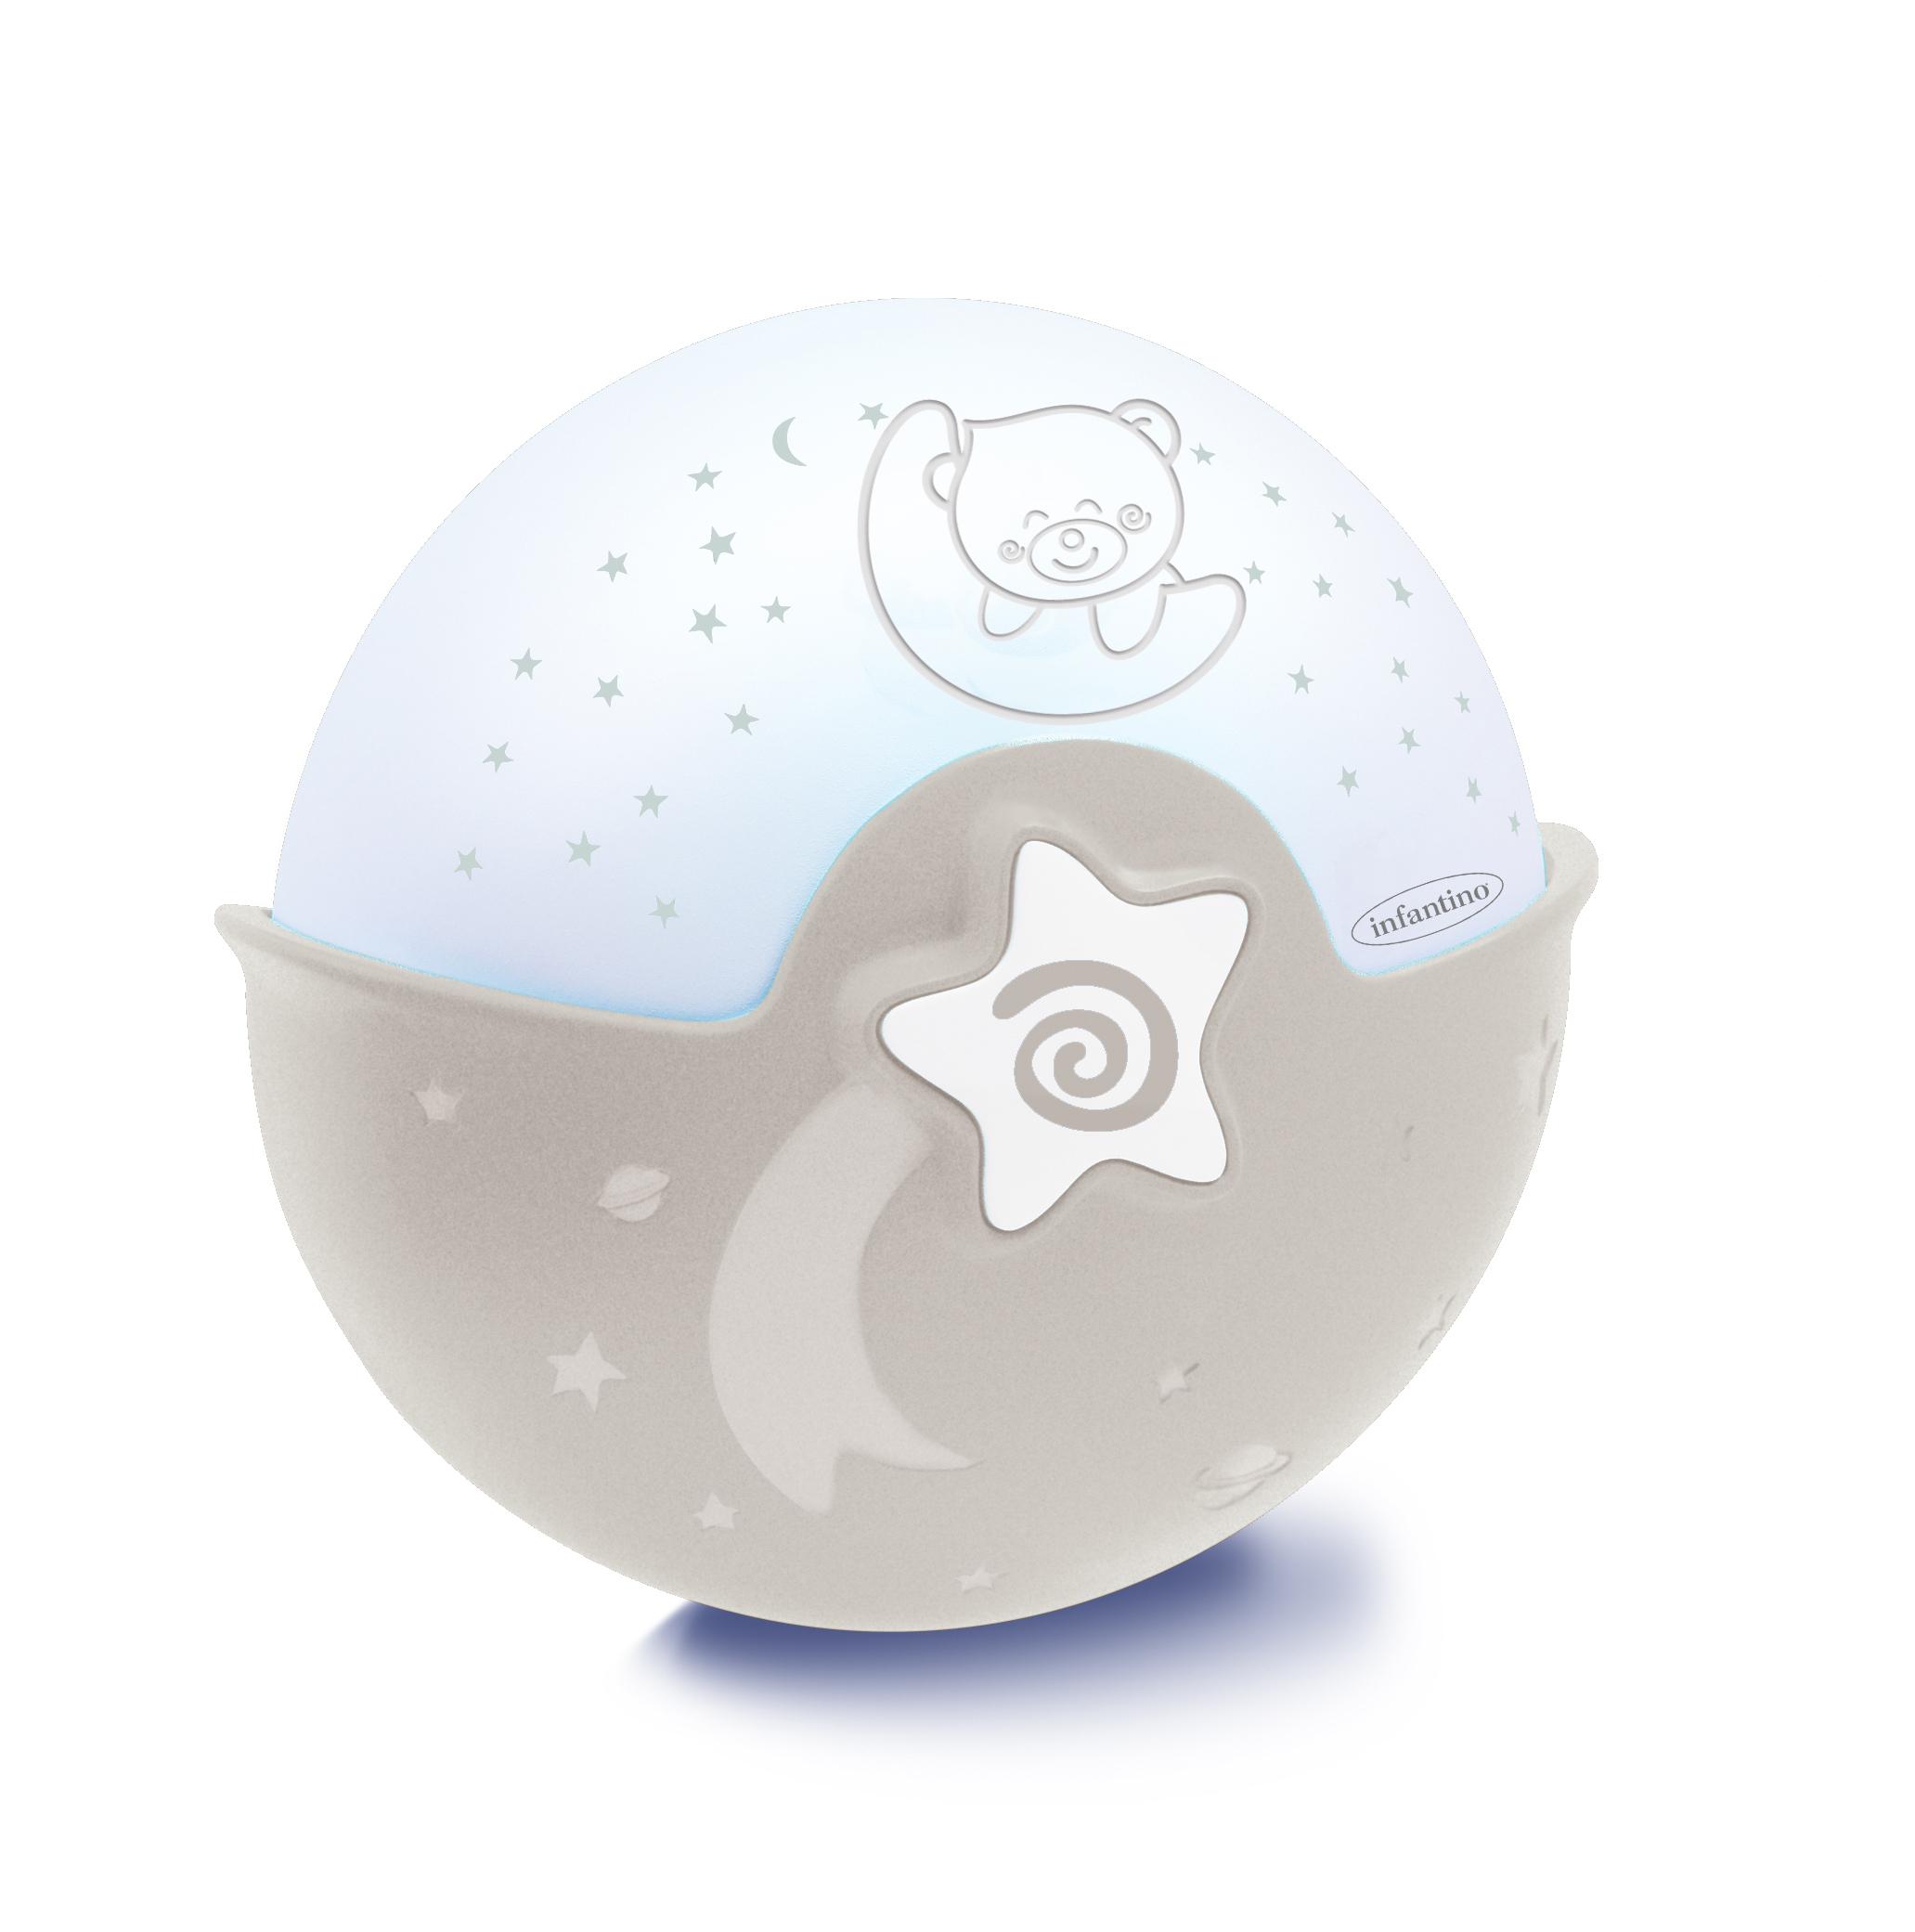 Освещение Infantino Ночник-проектор Infantino серый/бежевый